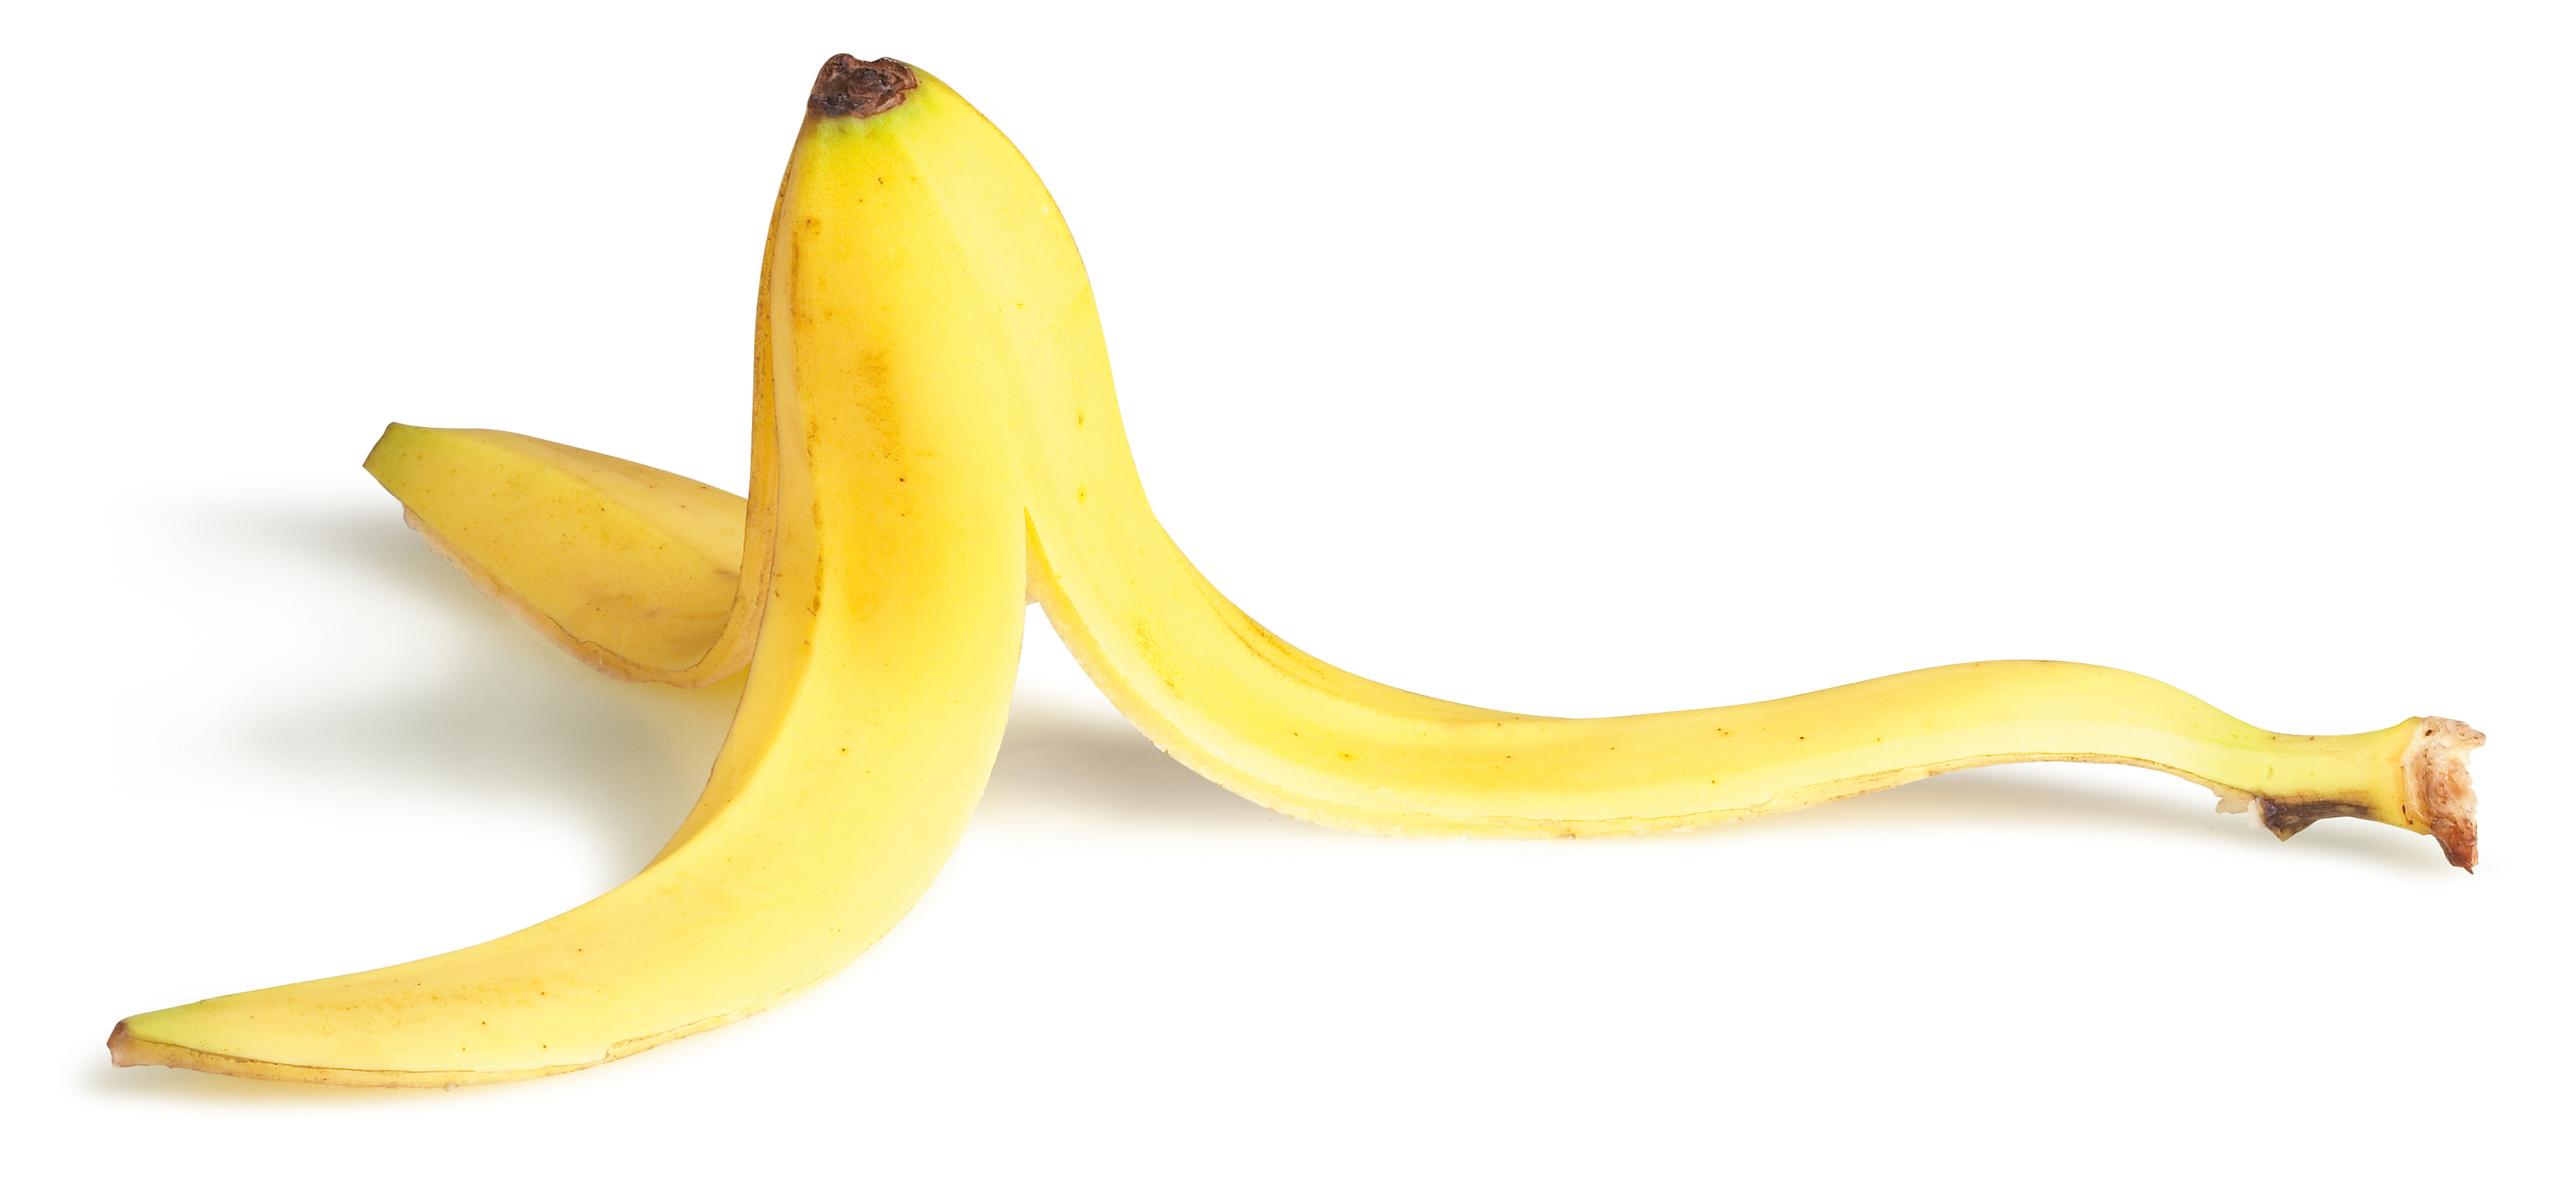 5 Amazing Uses for Banana Peels | Banana Peel Benefits